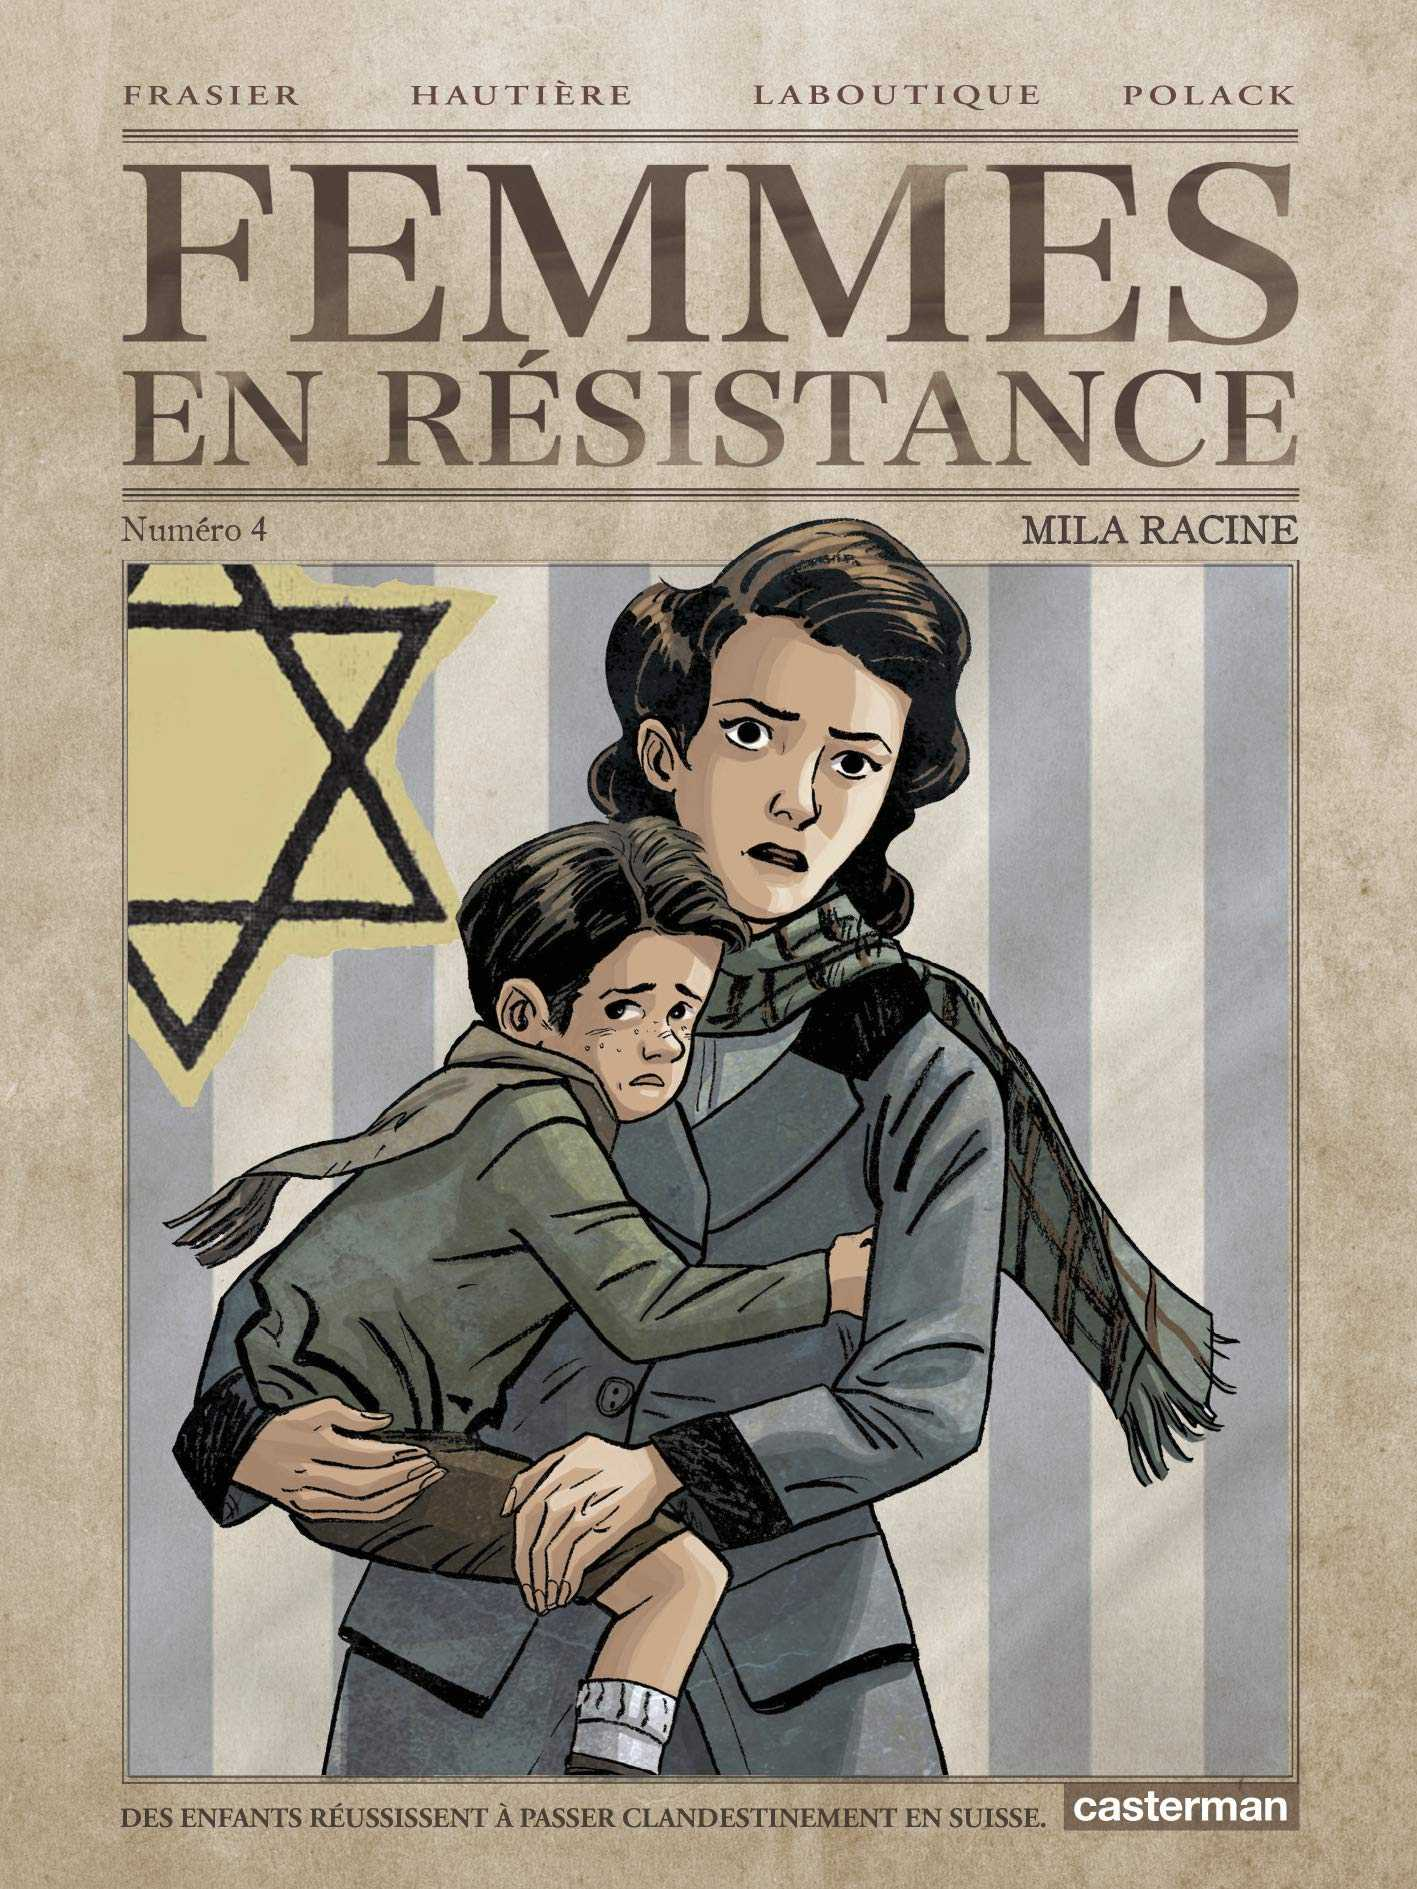 Résistance avec les femmes et les enfants